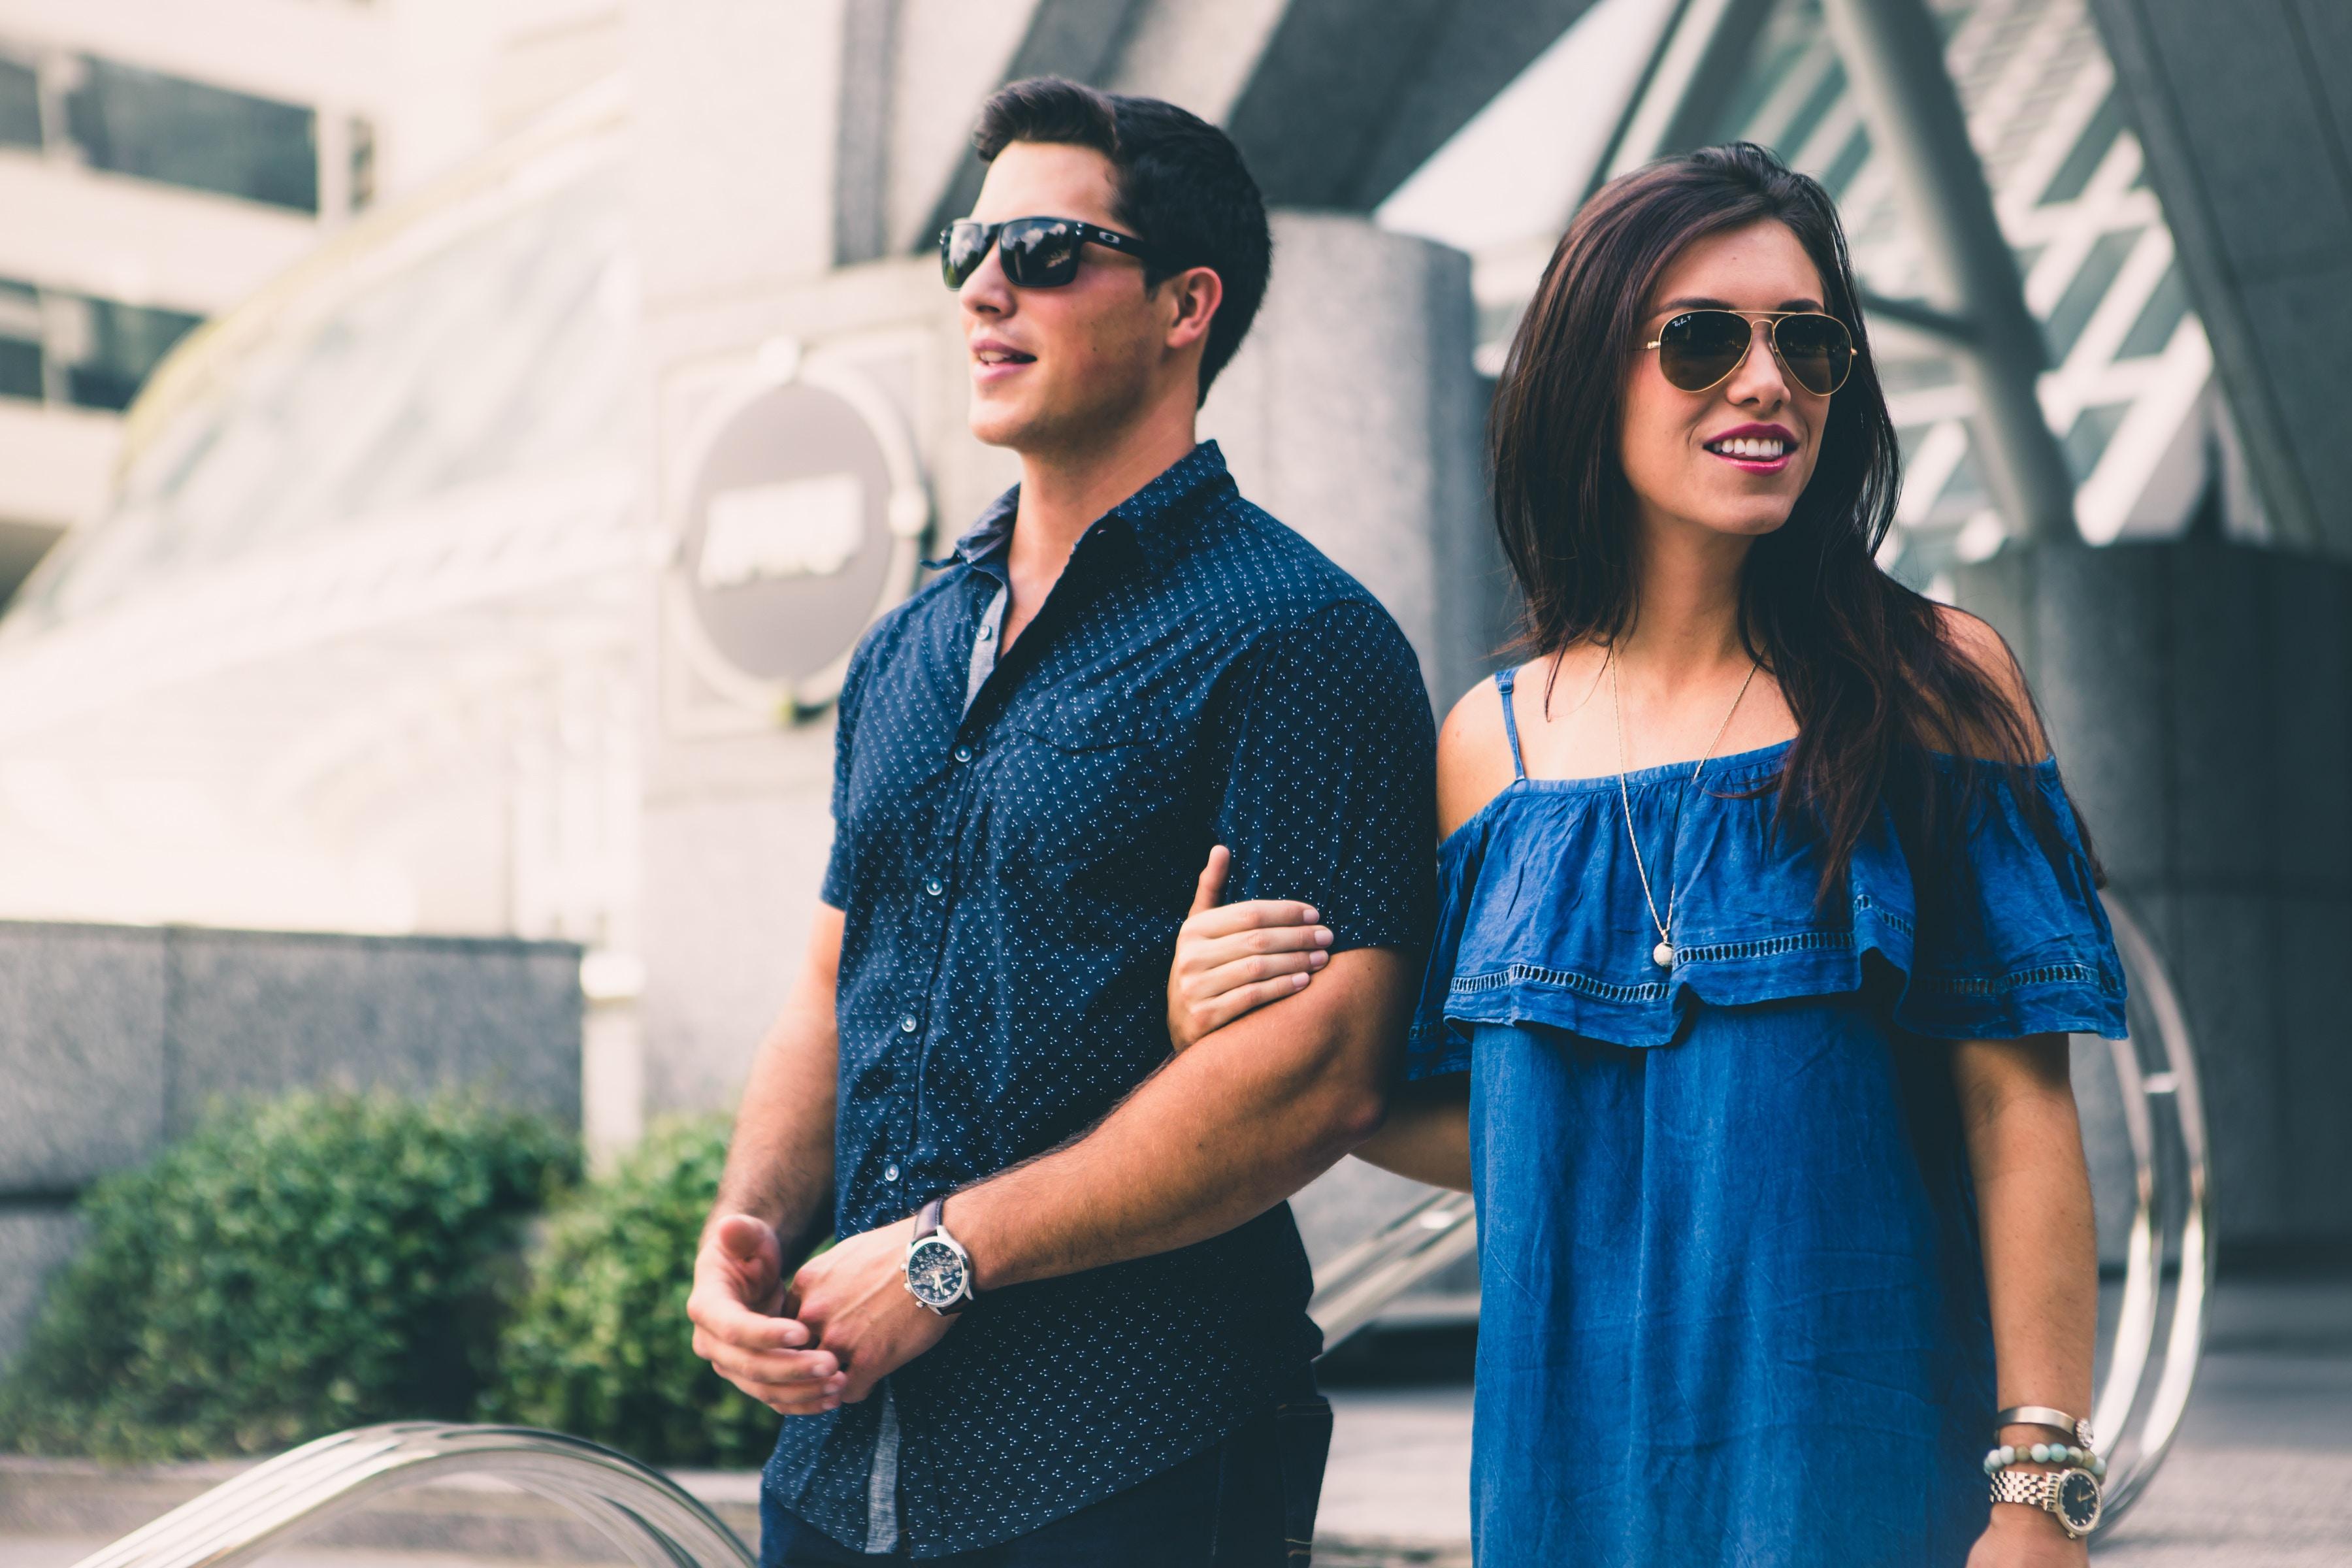 apa yang Bung bayangkan bila mendengar kata Nona yang Tangguh Memiliki Cara Ampuh untuk Menjalani Hubungan Denganmu